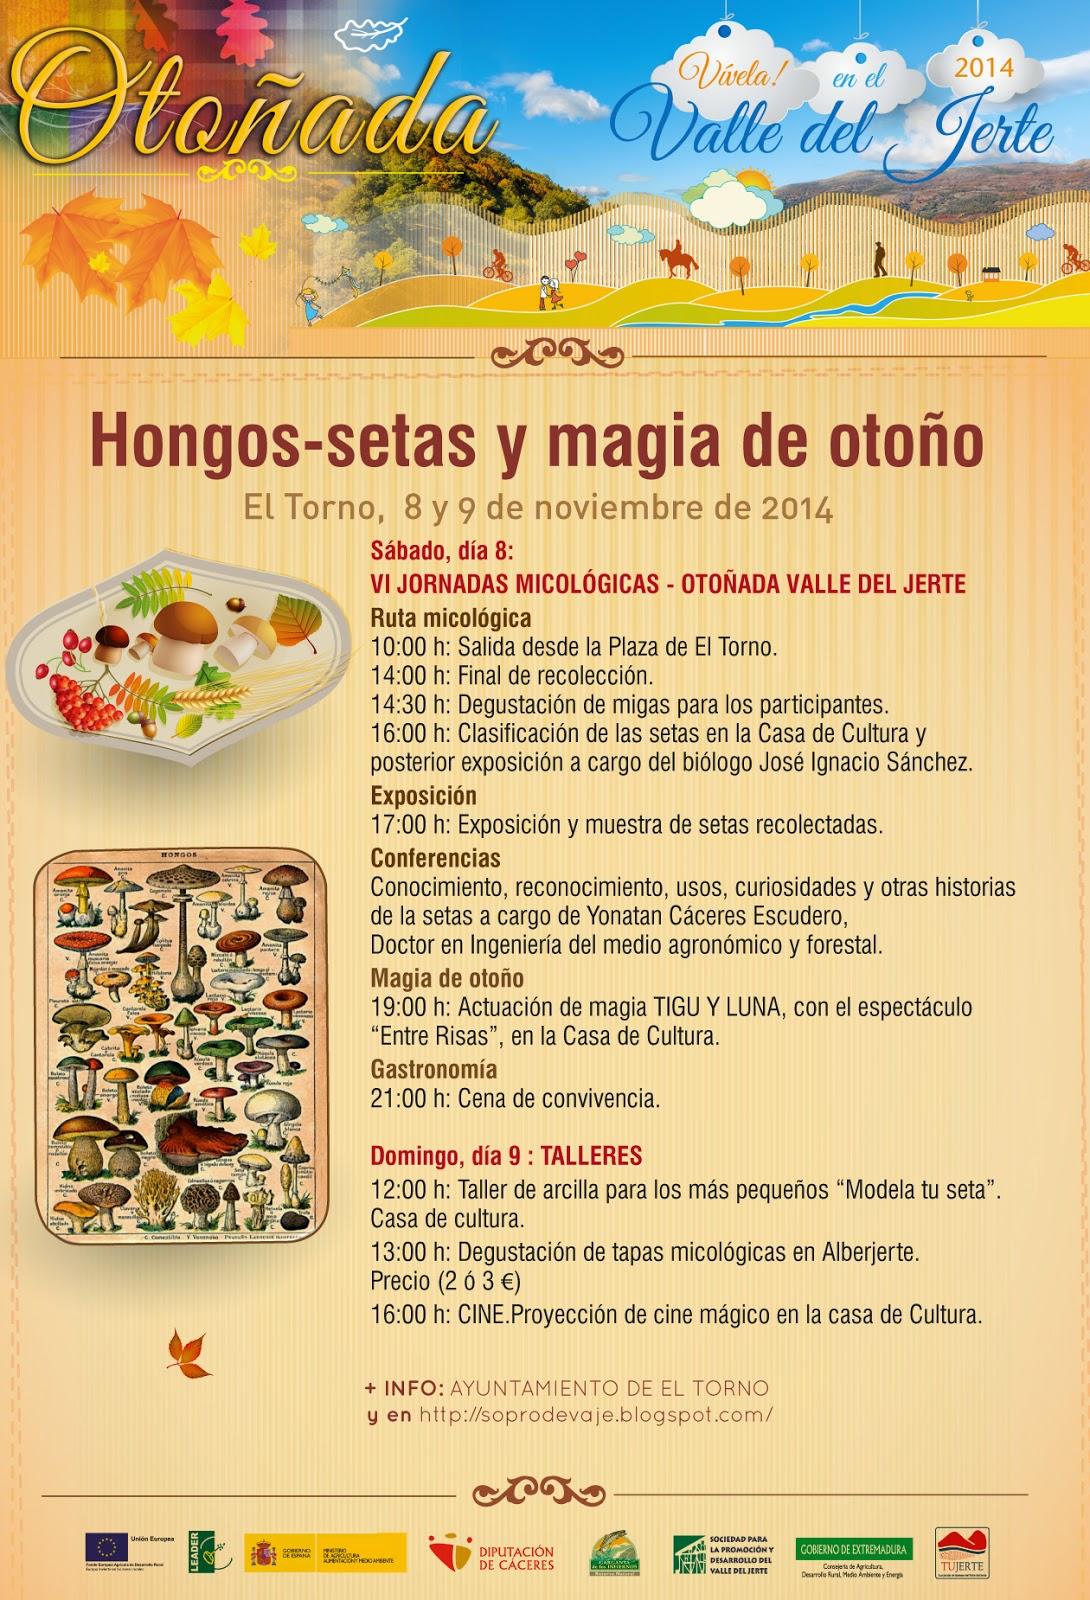 Hongos, setas y magia de otoño (8 y 9 de noviembre en El Torno)